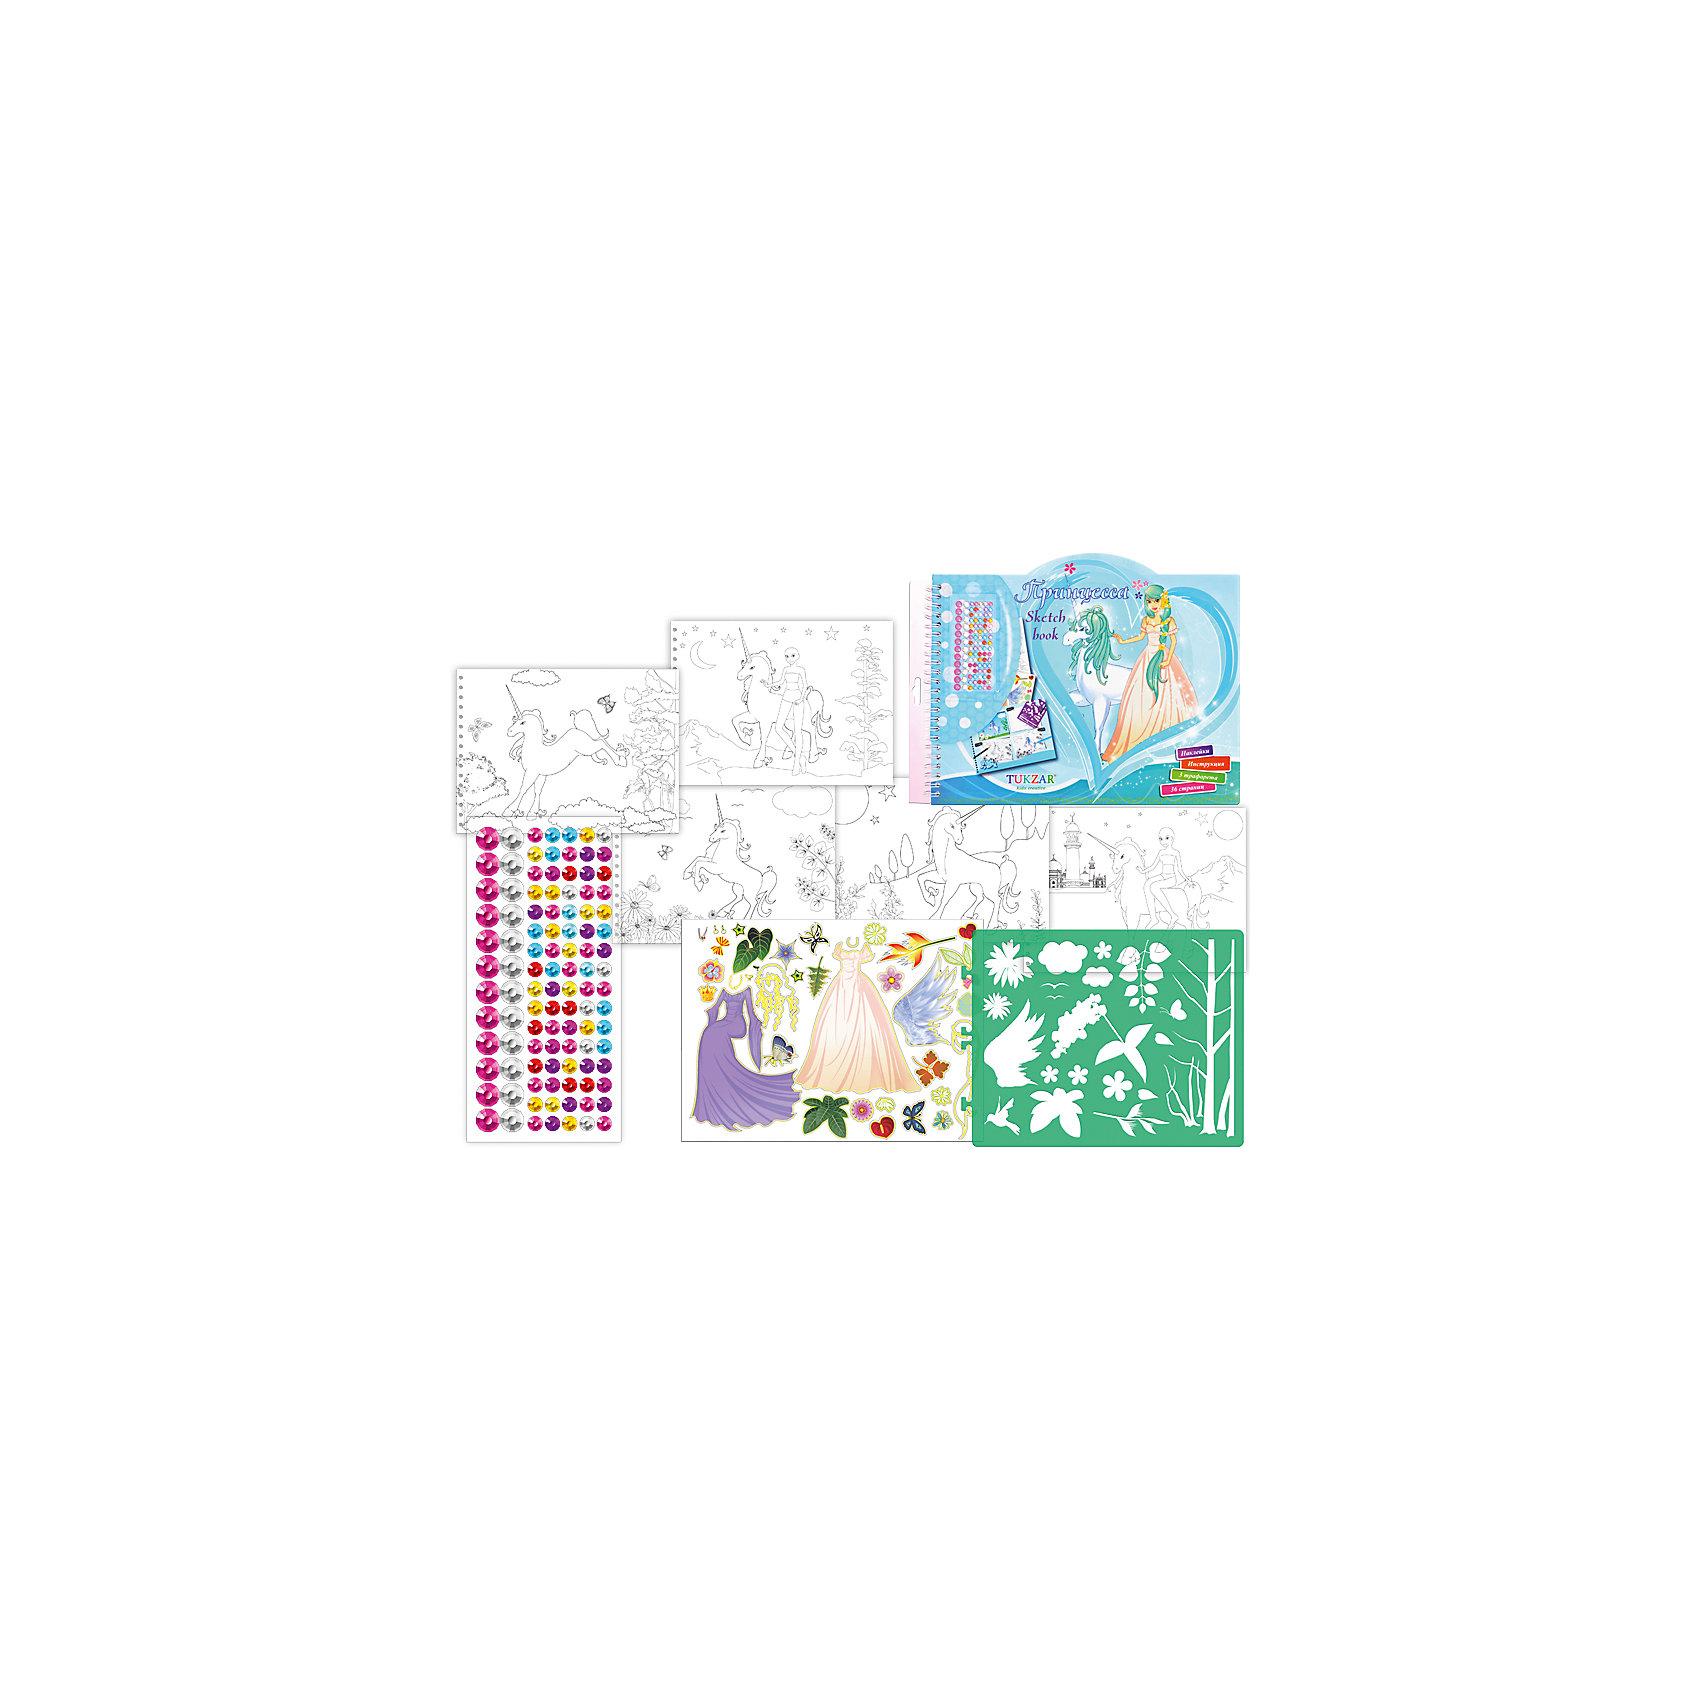 TUKZAR Альбом для творчества Принцесса, с трафаретами и наклейками со стразами